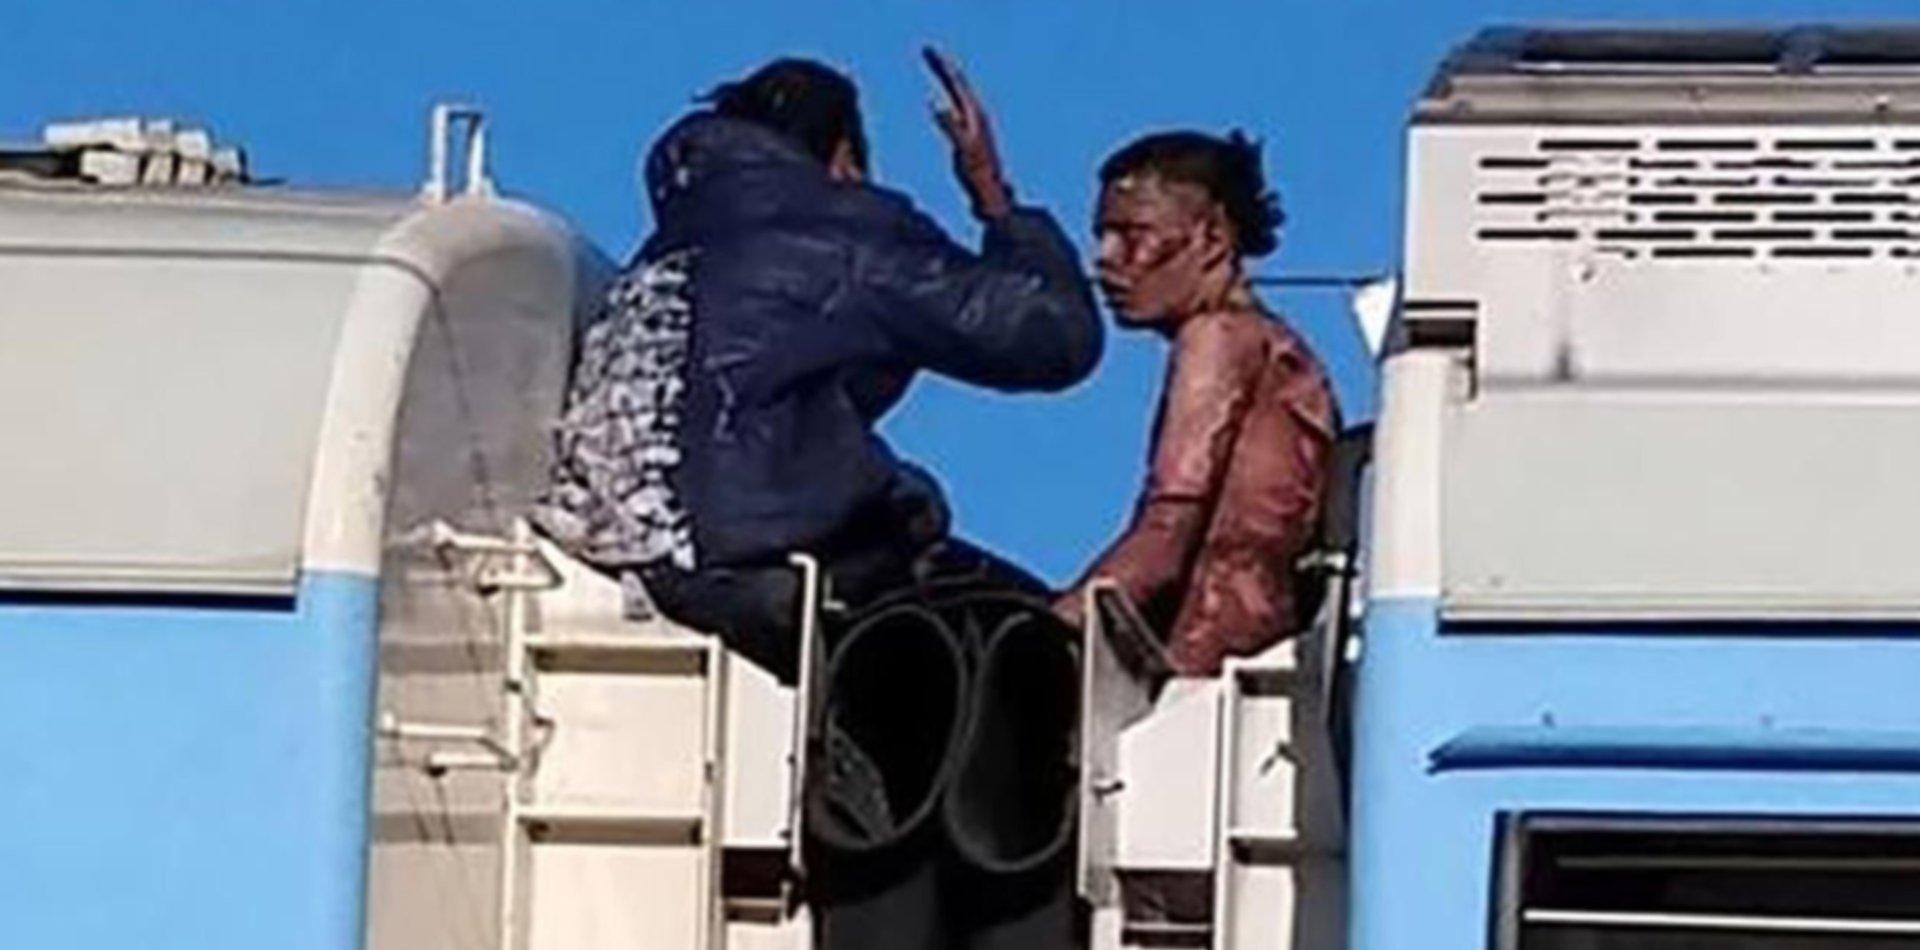 Malabares en la Costa y regreso trágico: la historia de los chicos electrocutados en el Tren Roca